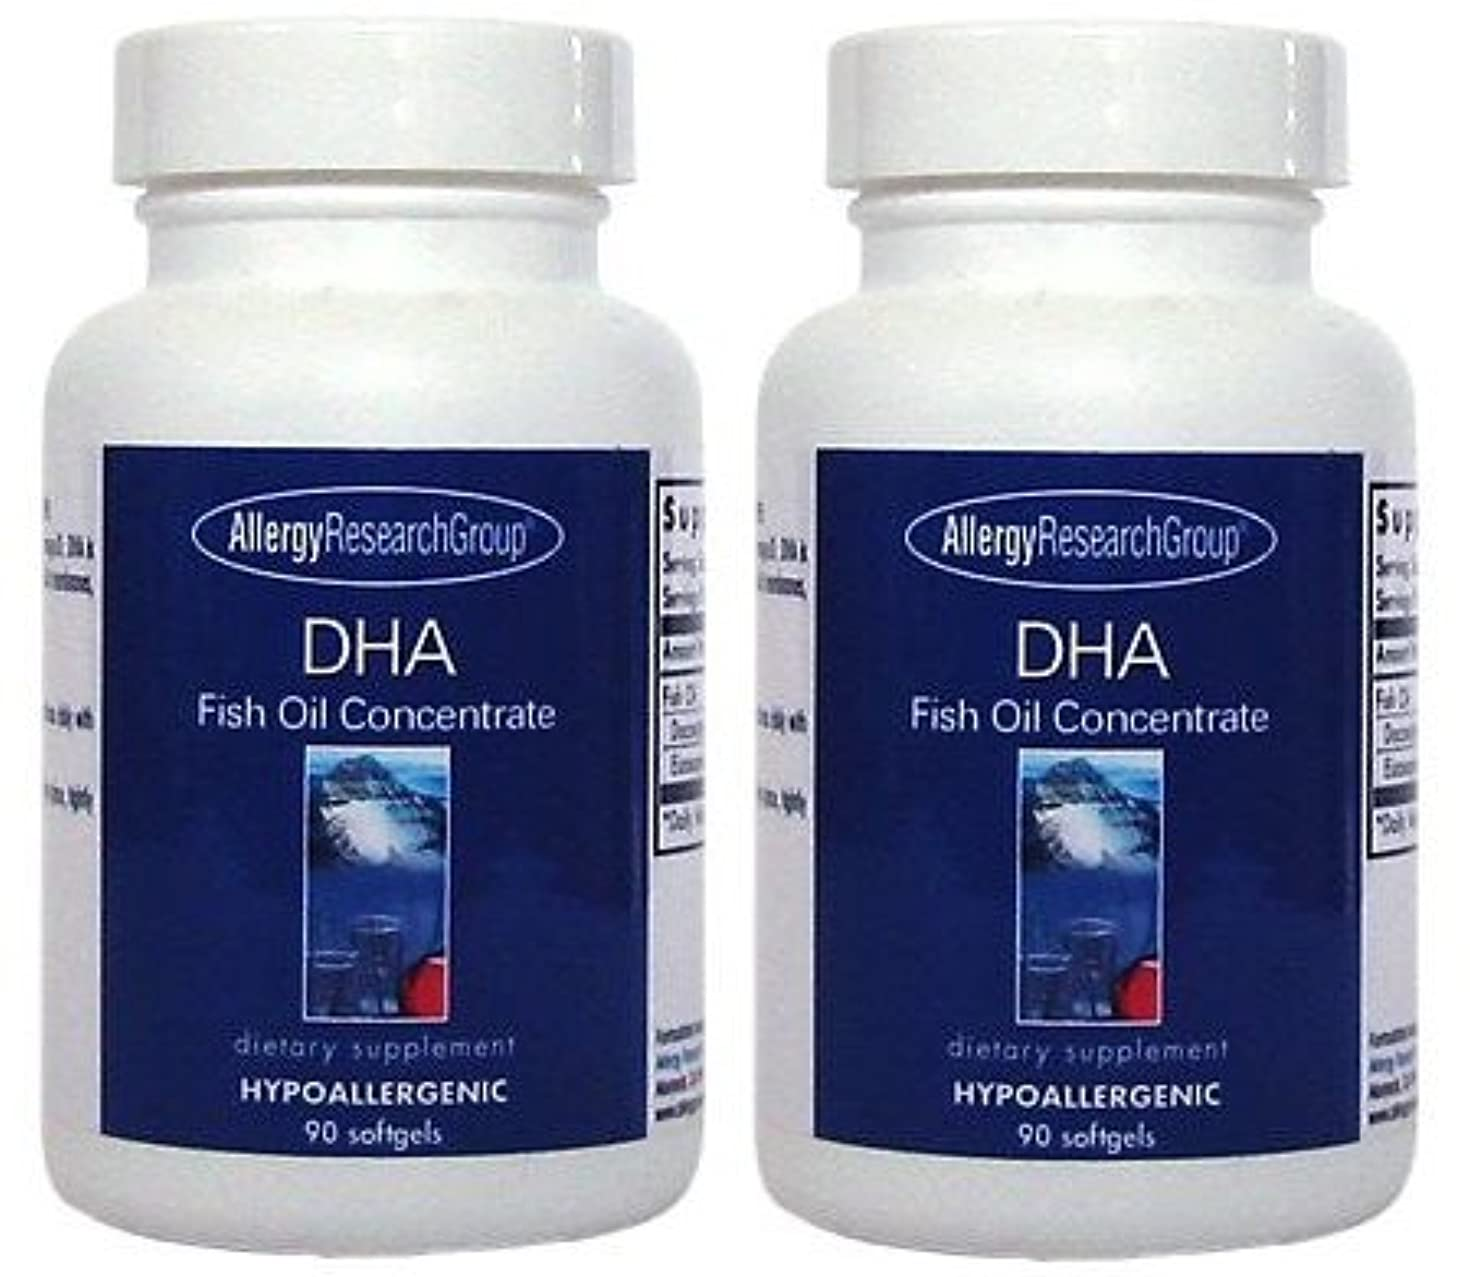 急行する神列挙するDHA & EPA (DHA Fish Oil Concentrate 90 Softgels ) [海外直送品] 2ボトル